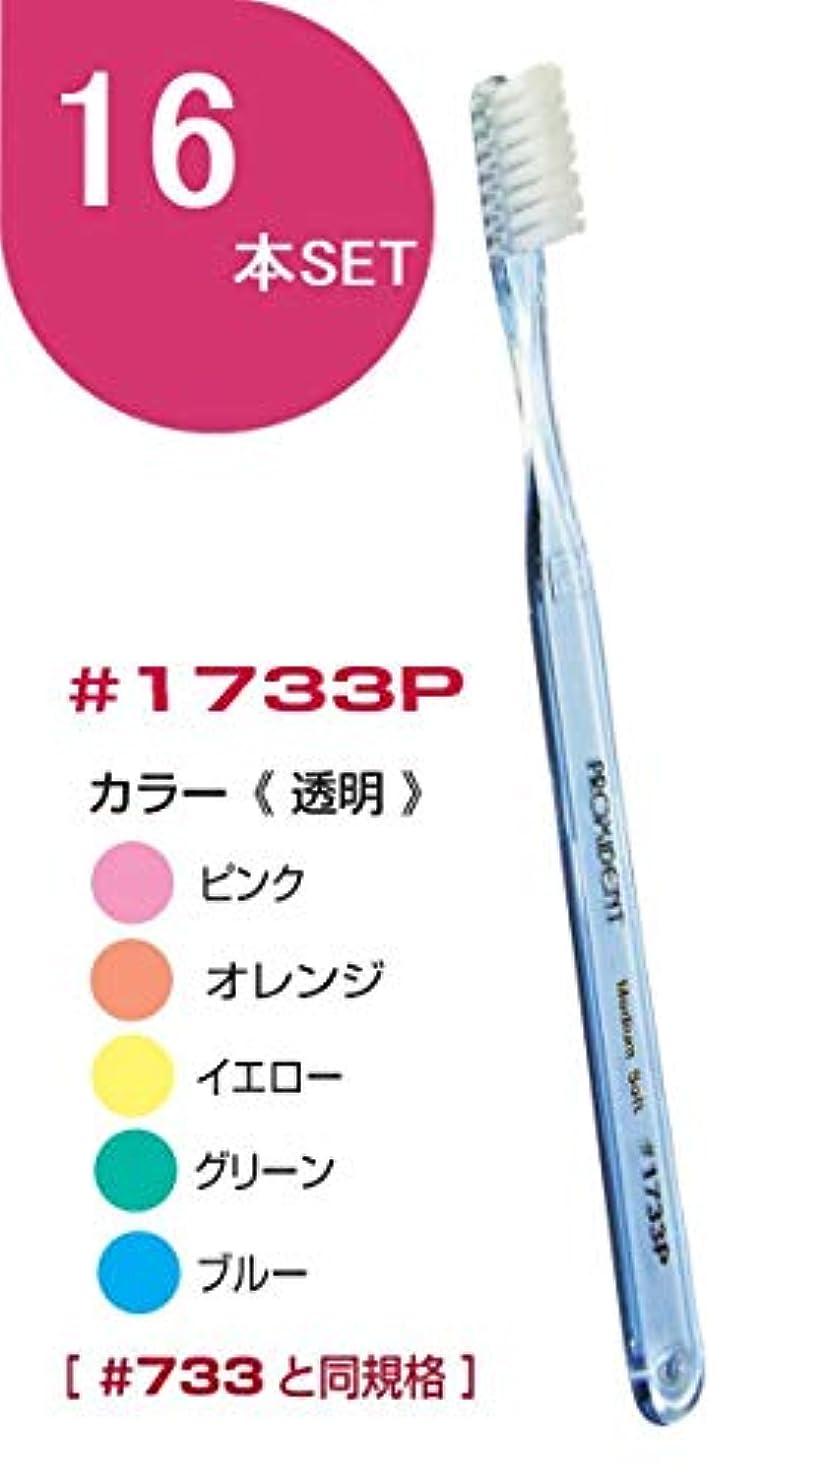 プローデント プロキシデント スリムヘッド MS(ミディアムソフト) #1733P(#733と同規格) 歯ブラシ 16本